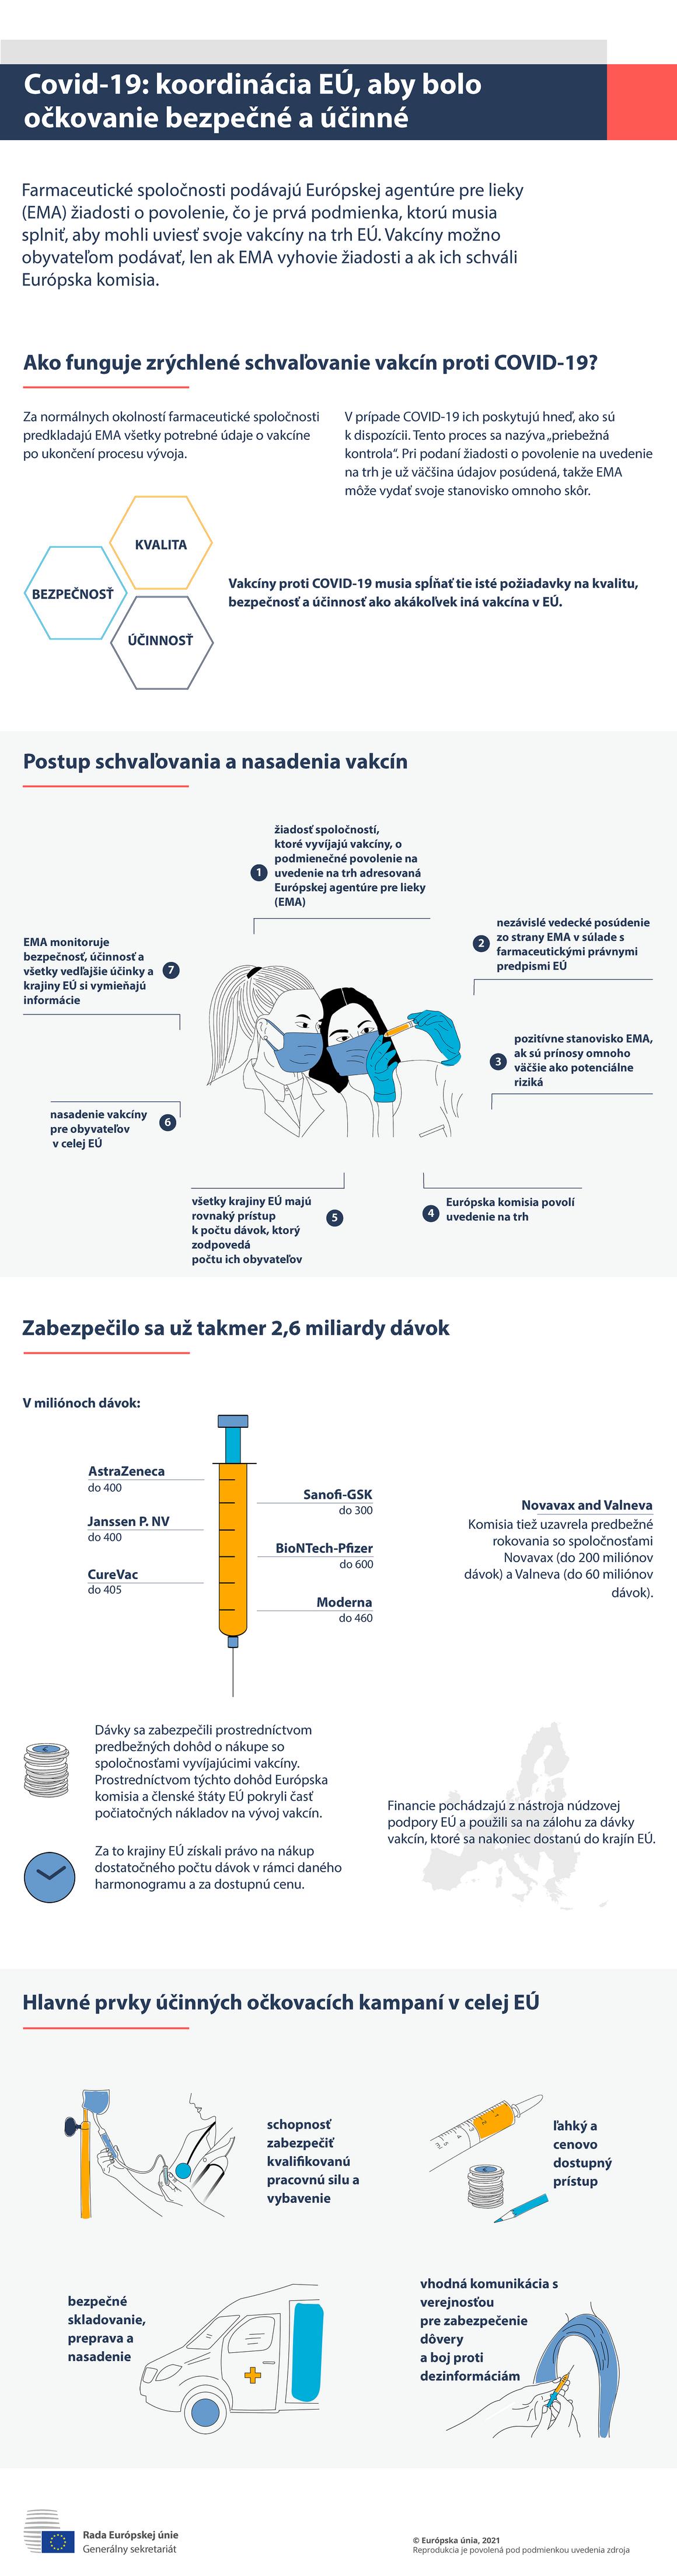 Infografika - COVID-19: Koordinácia bezpečného a účinného očkovania v EÚ